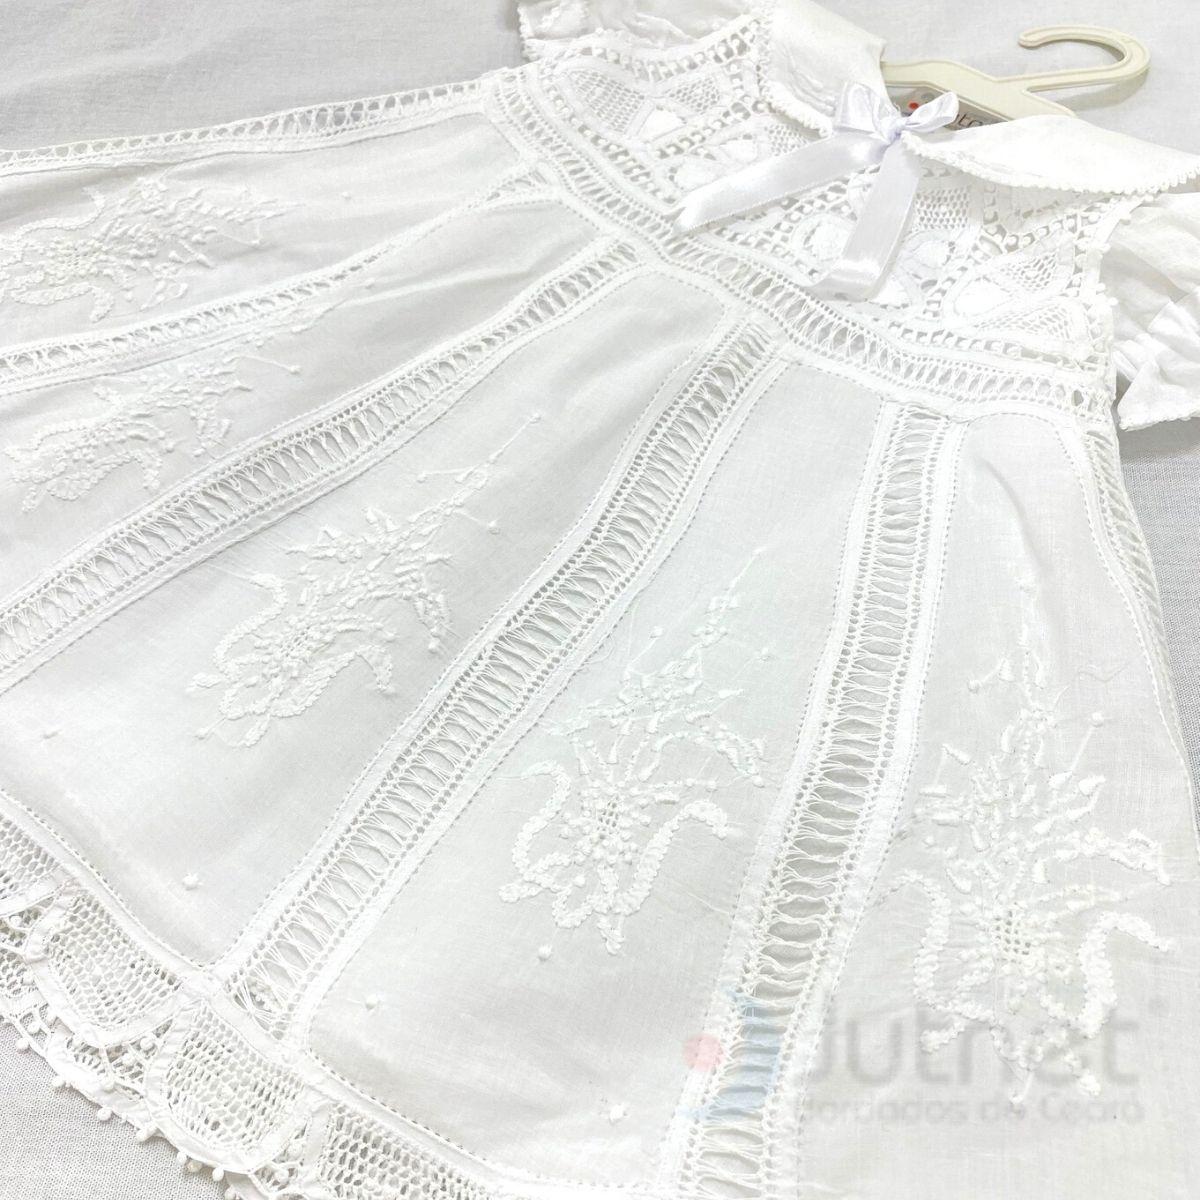 Vestido com Renda Renascença Bordado a Mão Nesga Fina 6-1ano  - Bordados do Ceará - Jutnet